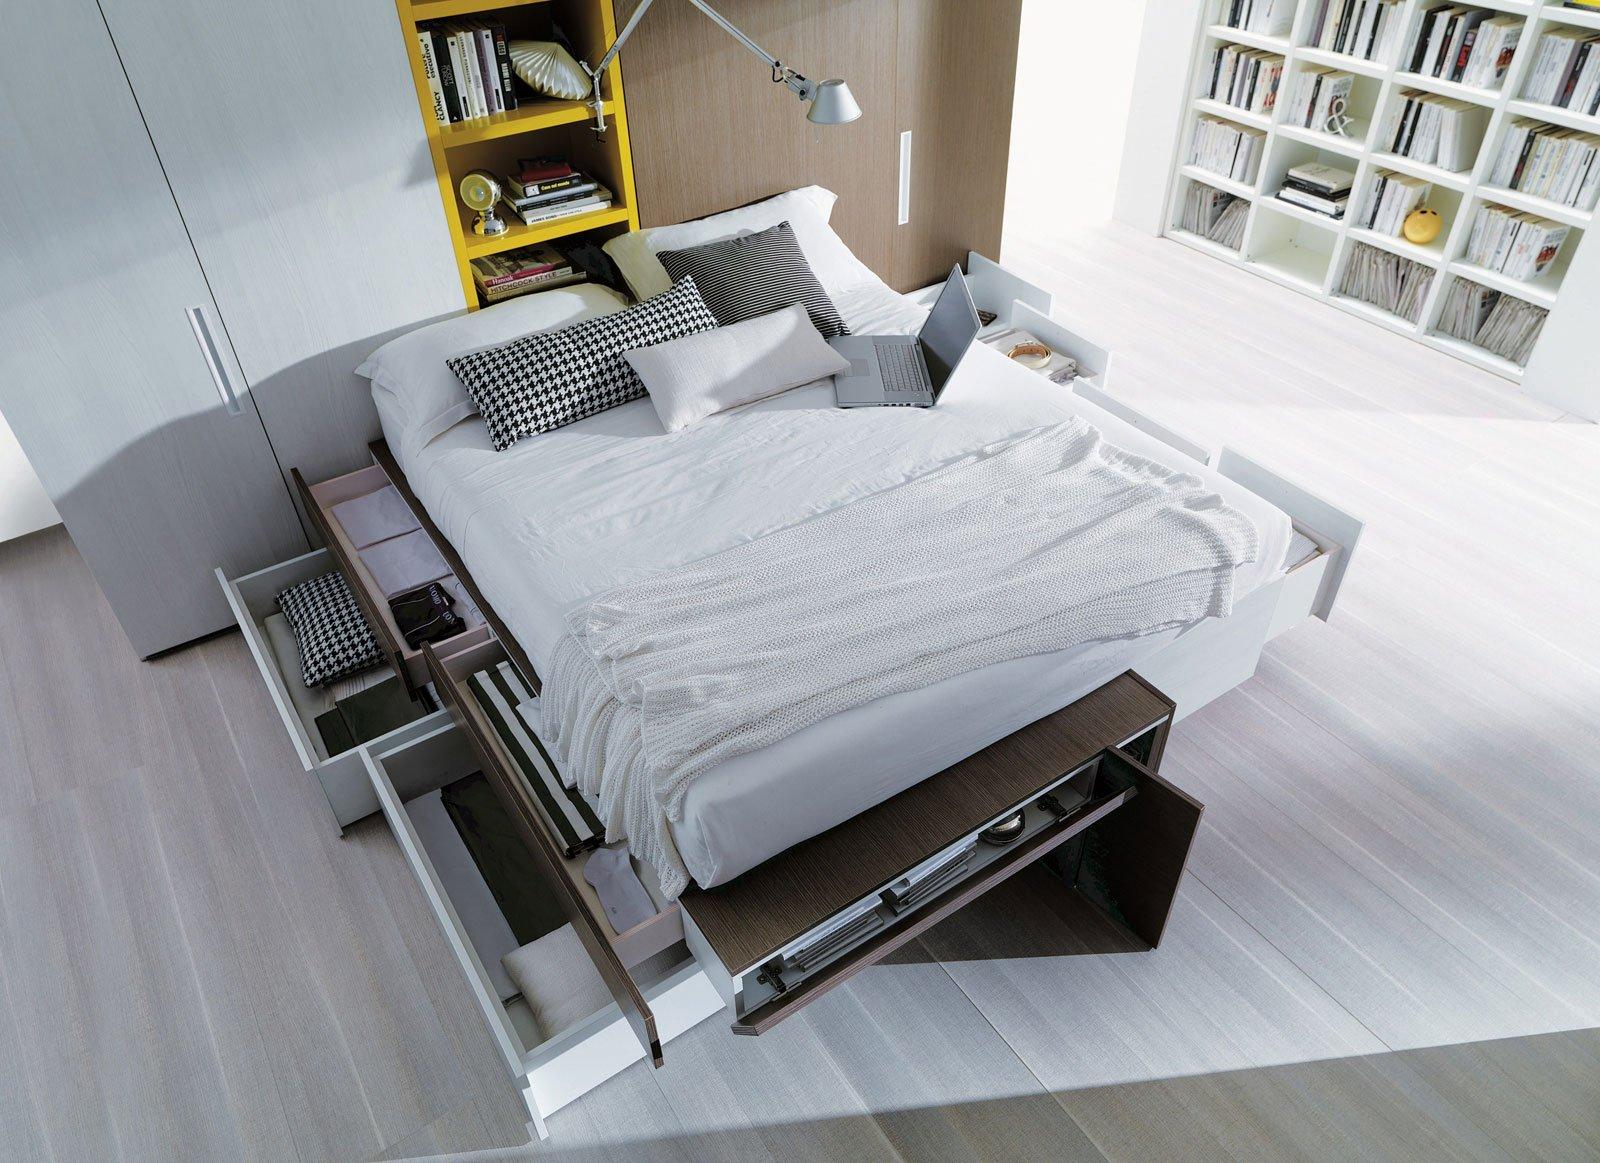 Mobili e accessori salvaspazio per la camera da letto - Letto cassettone ikea ...